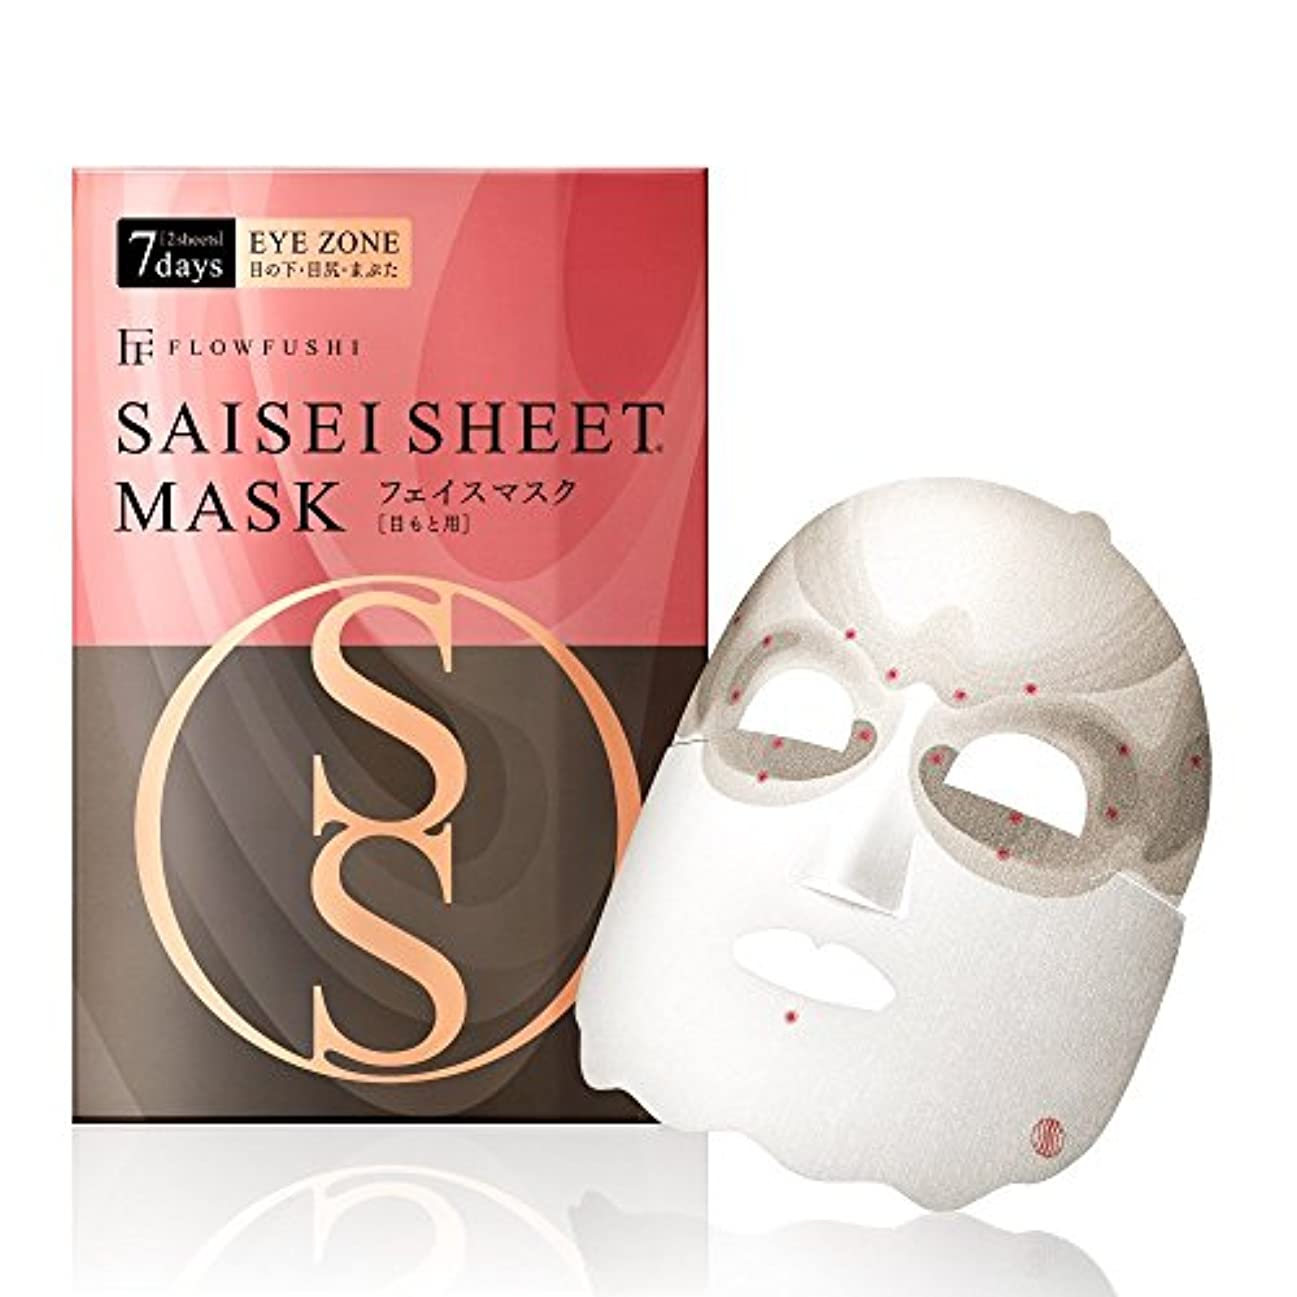 休日リル資本SAISEIシート マスク [目もと用] 7days 2sheets